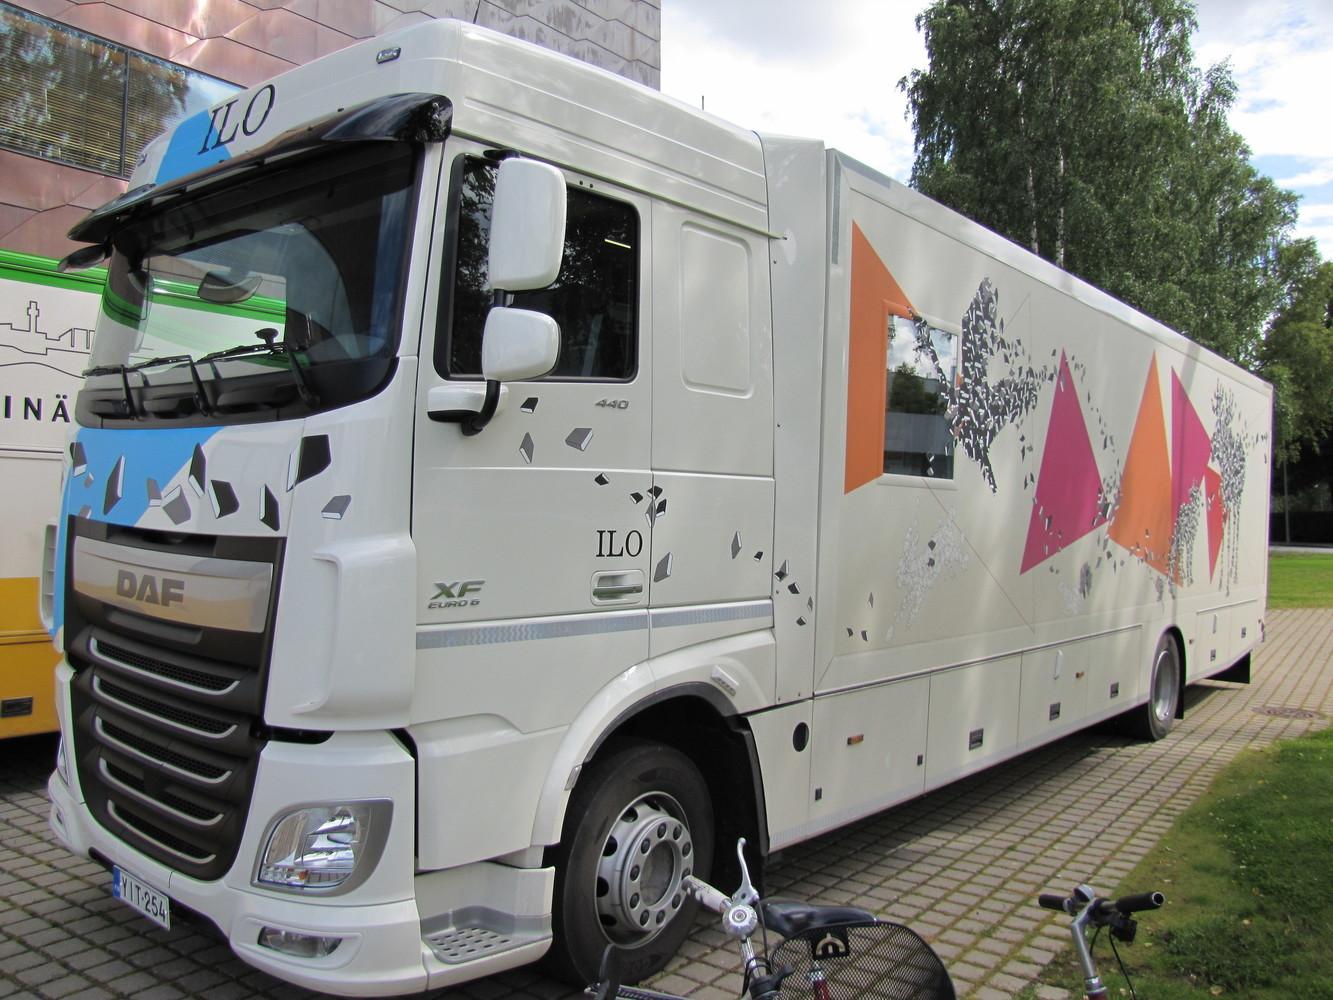 Kirjastoauto Ilo (Seinäjoki)